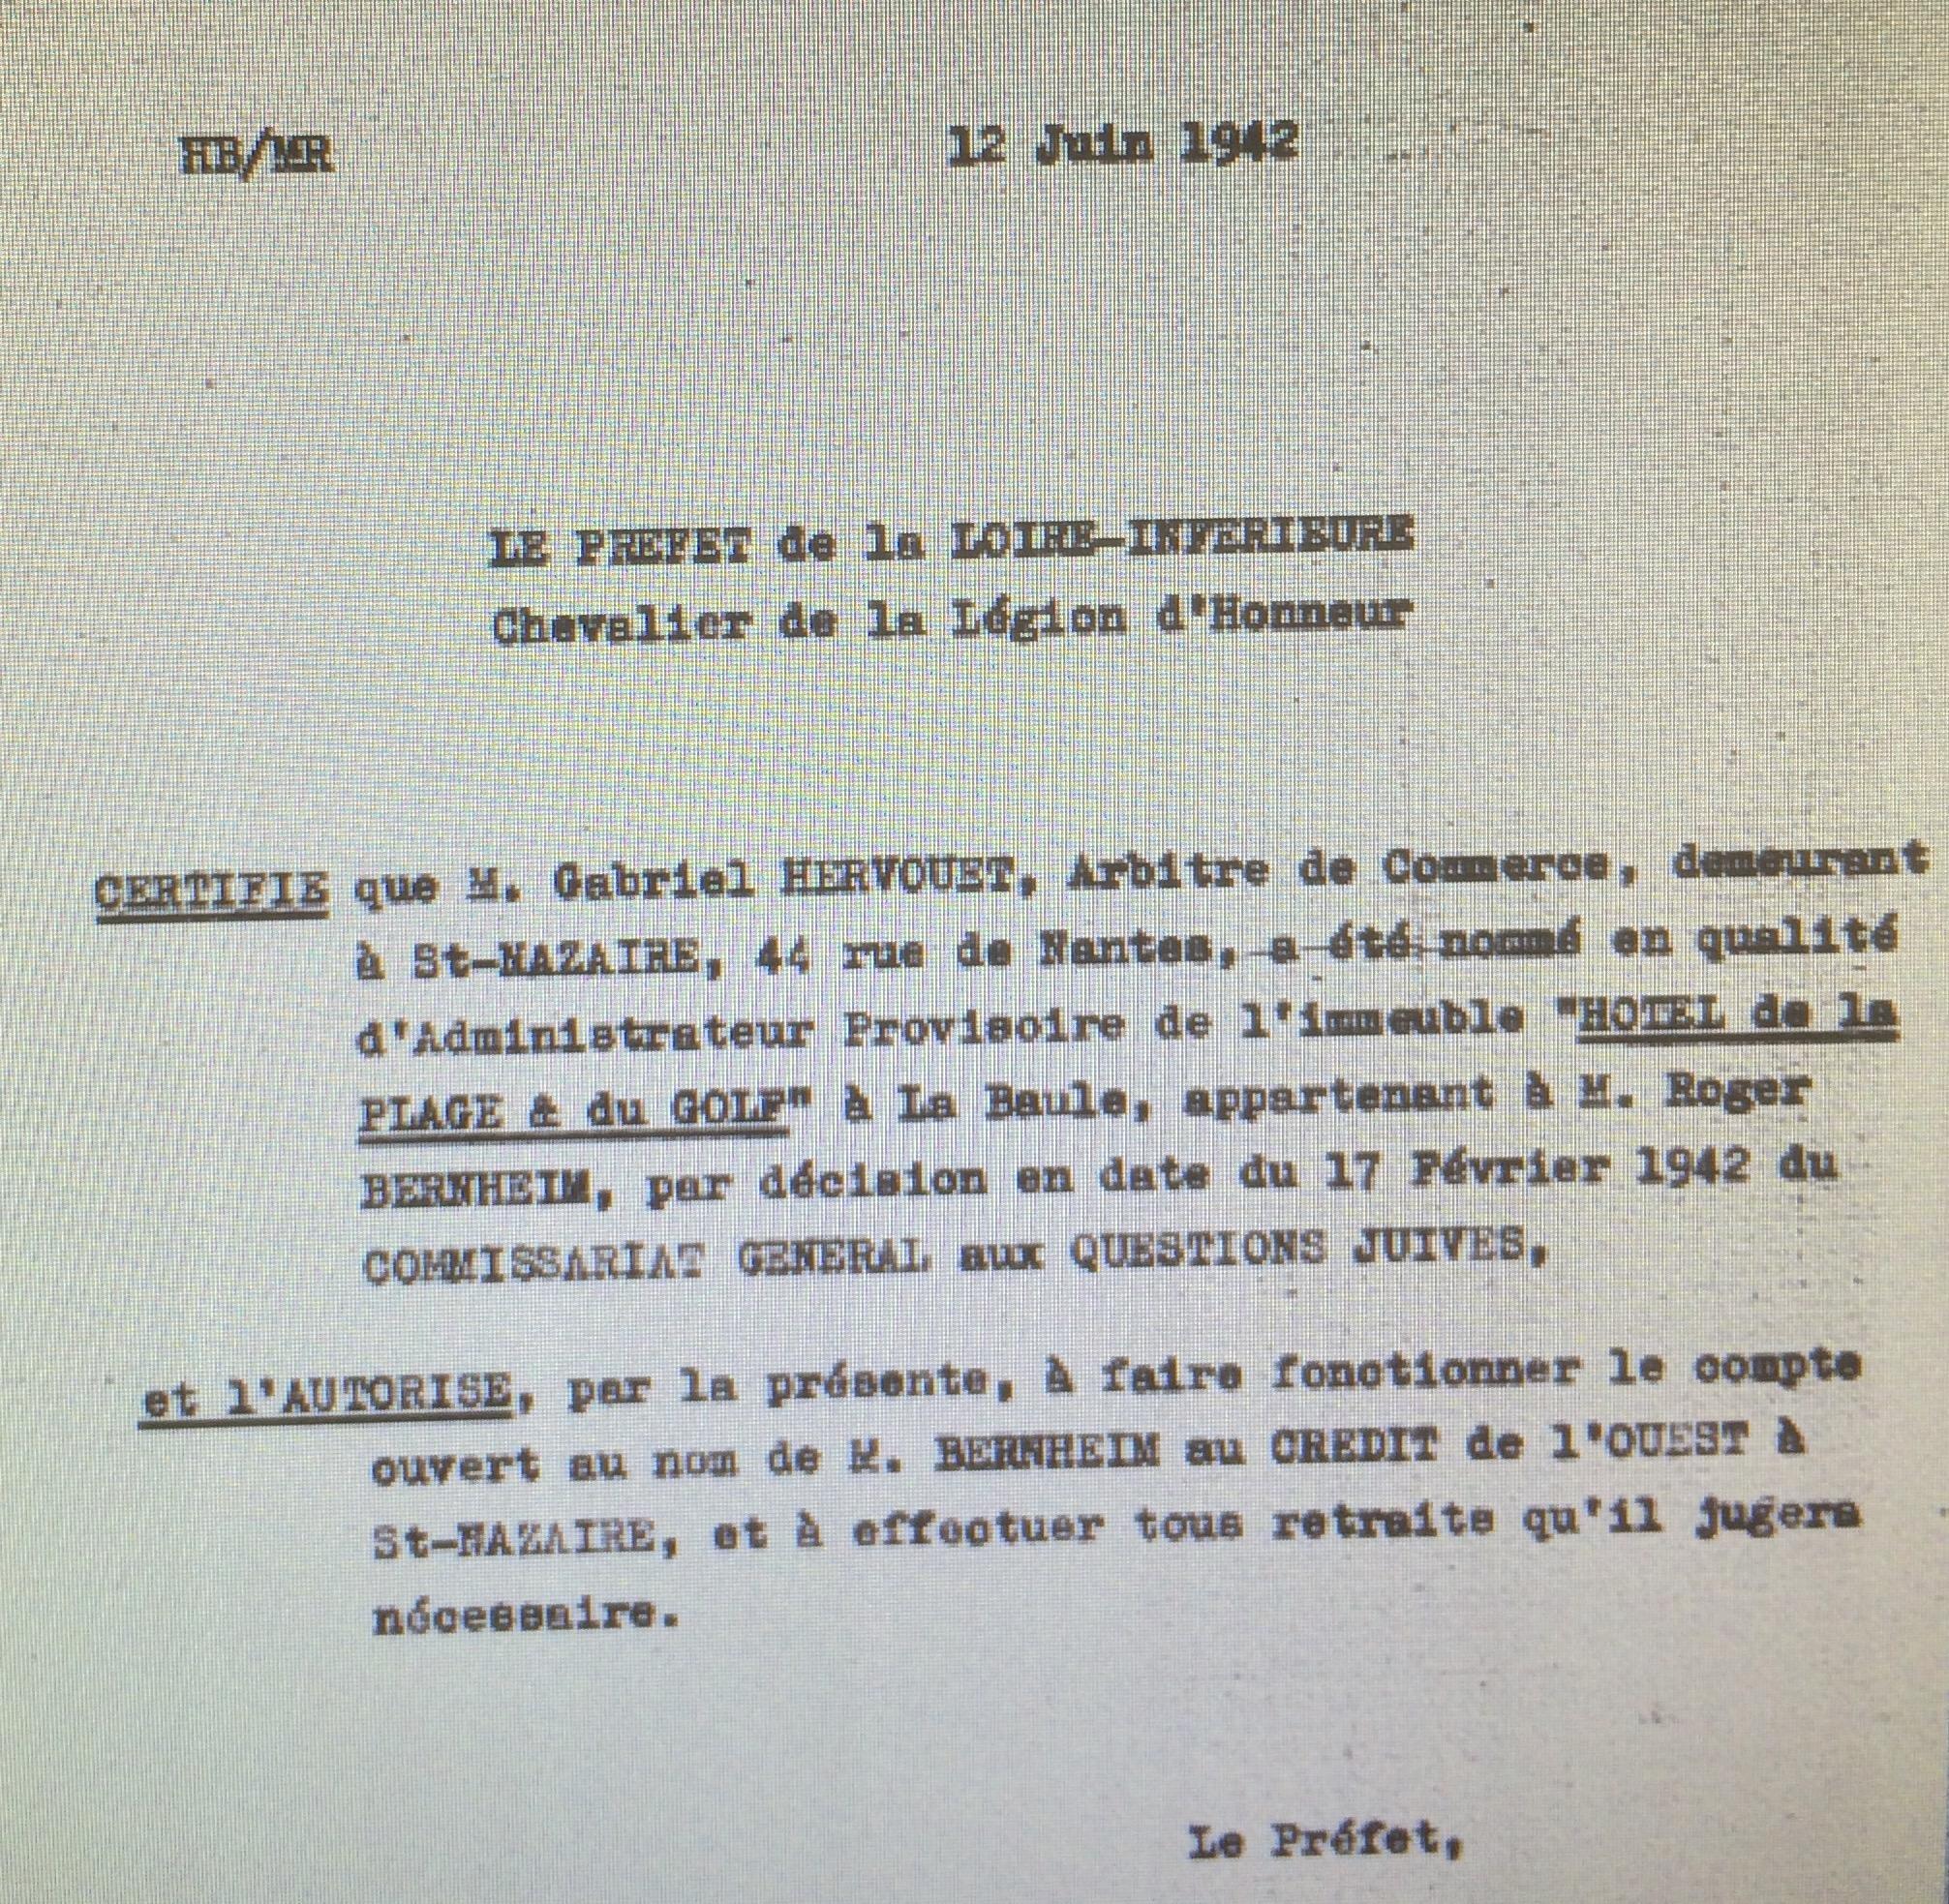 Dossier d'aryanisation de l'Hôtel de la Plage et du Golf [Archives Nationales, AJ38/4600 dossier n°8725]